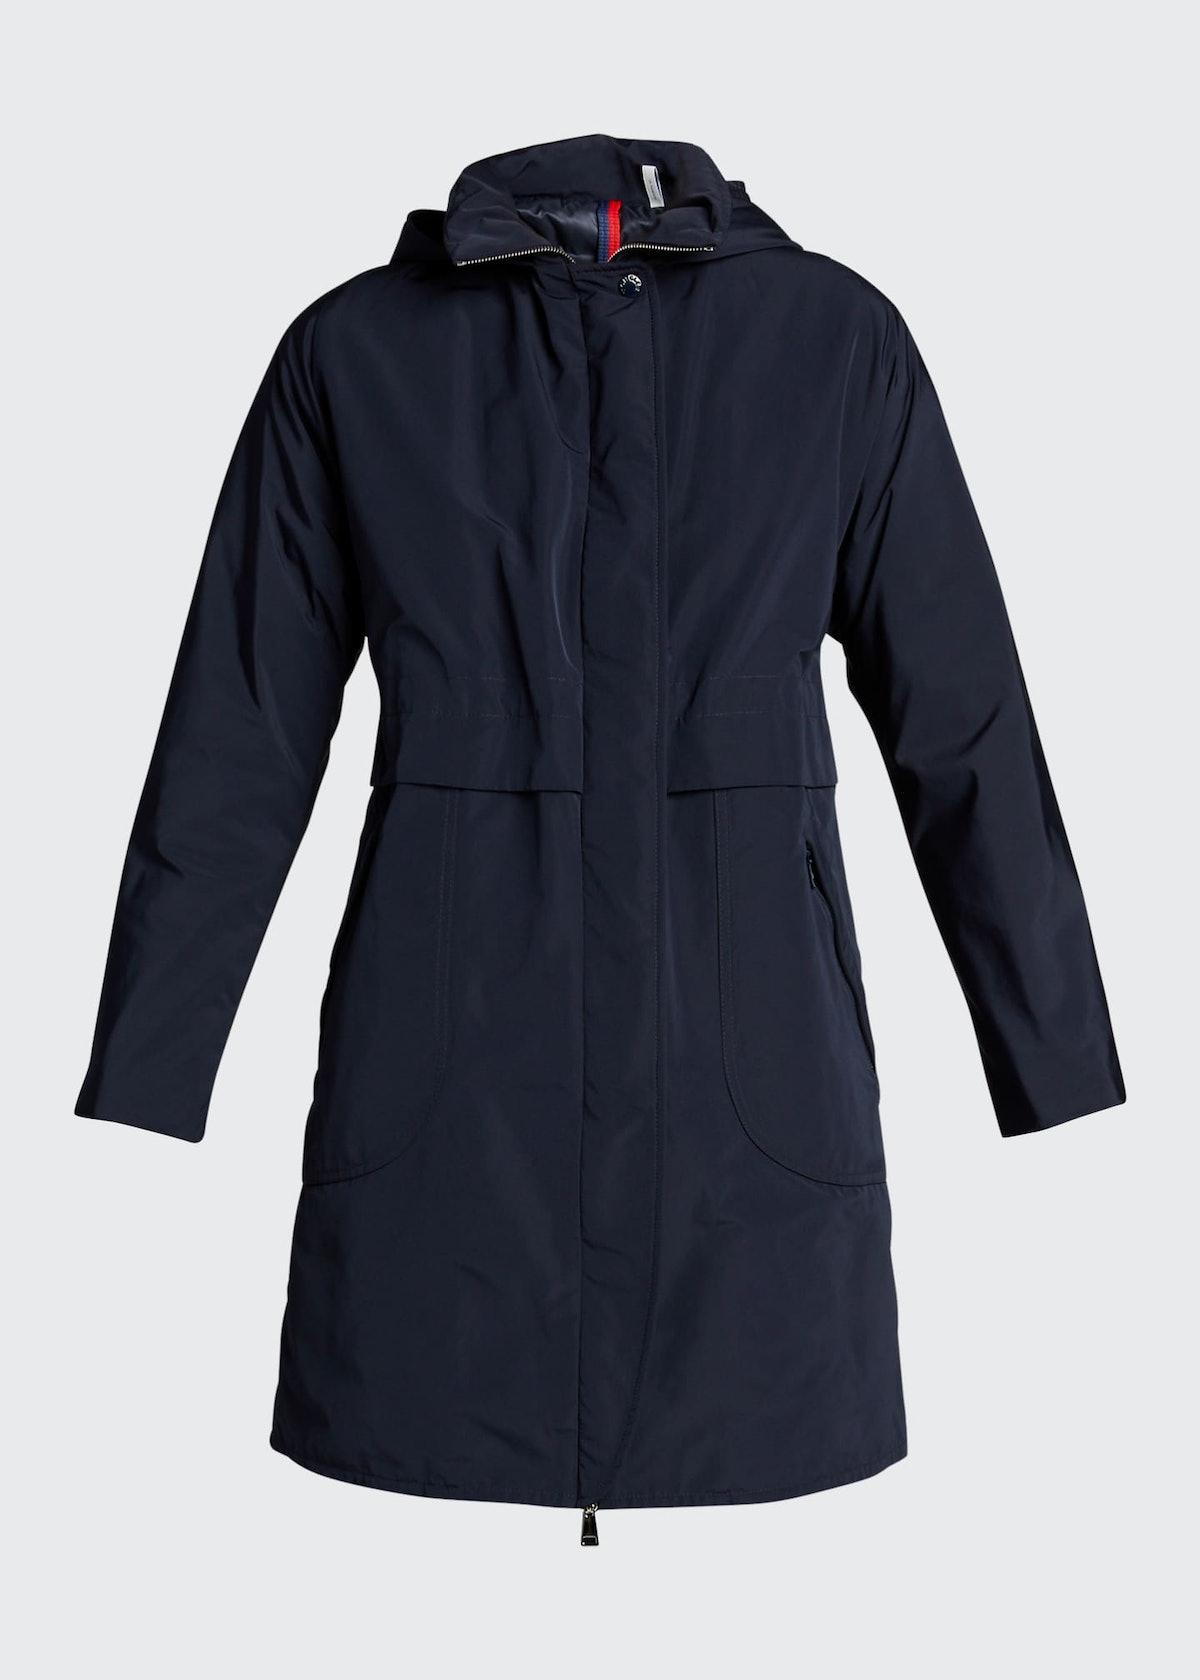 Schedar Hooded Coat